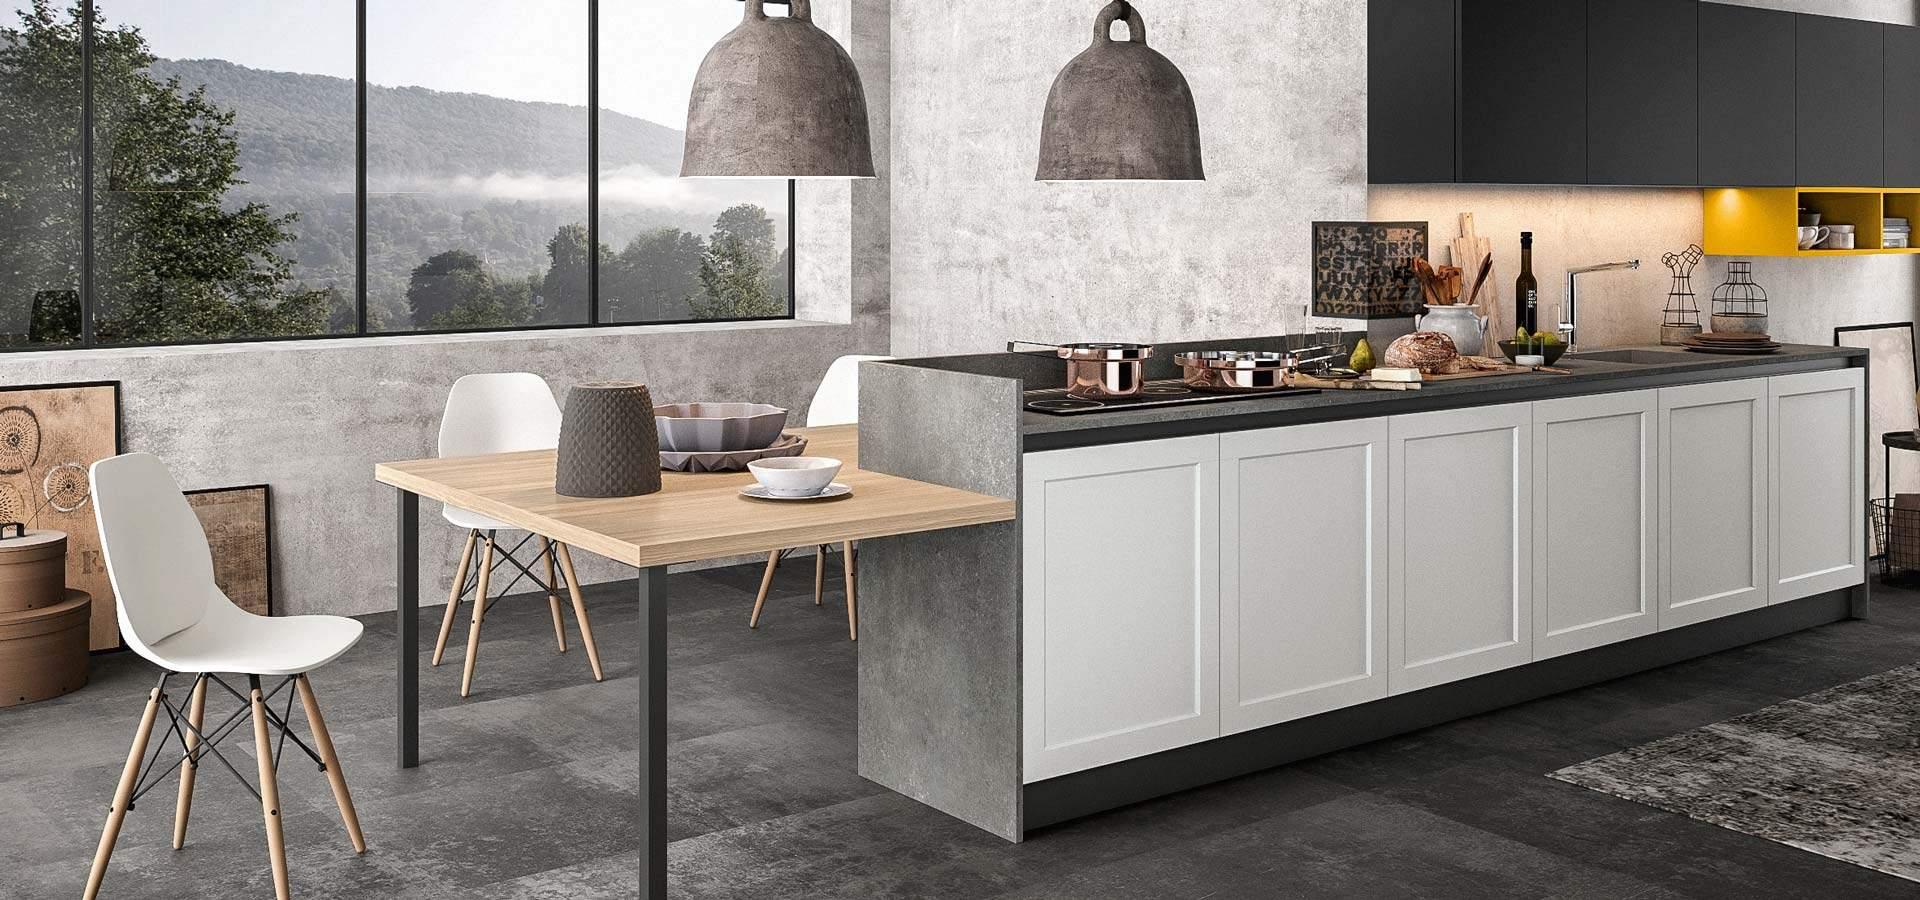 Cucina Frame di Arredo3 presentata da Pignoloni in esclusiva ...